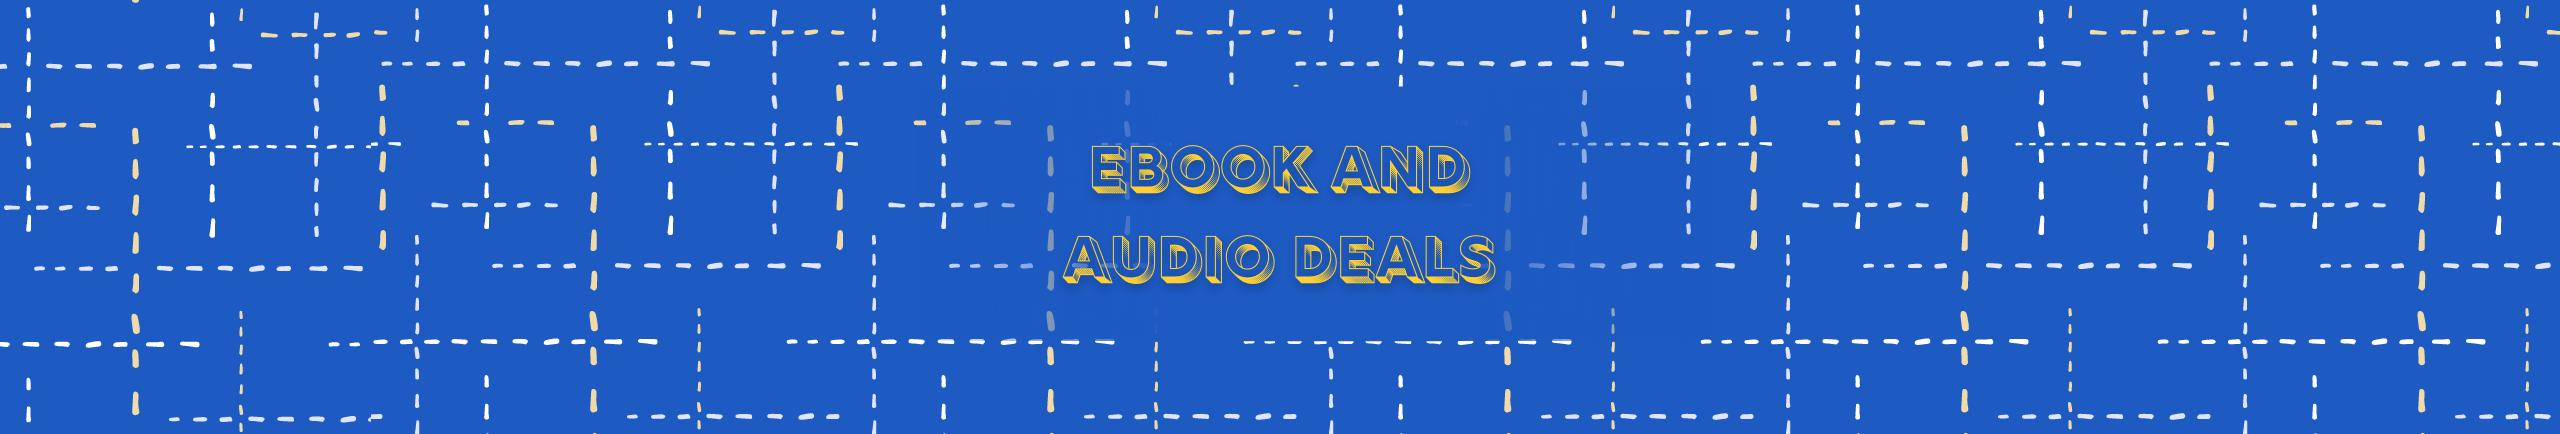 Ebook and Audio Deals